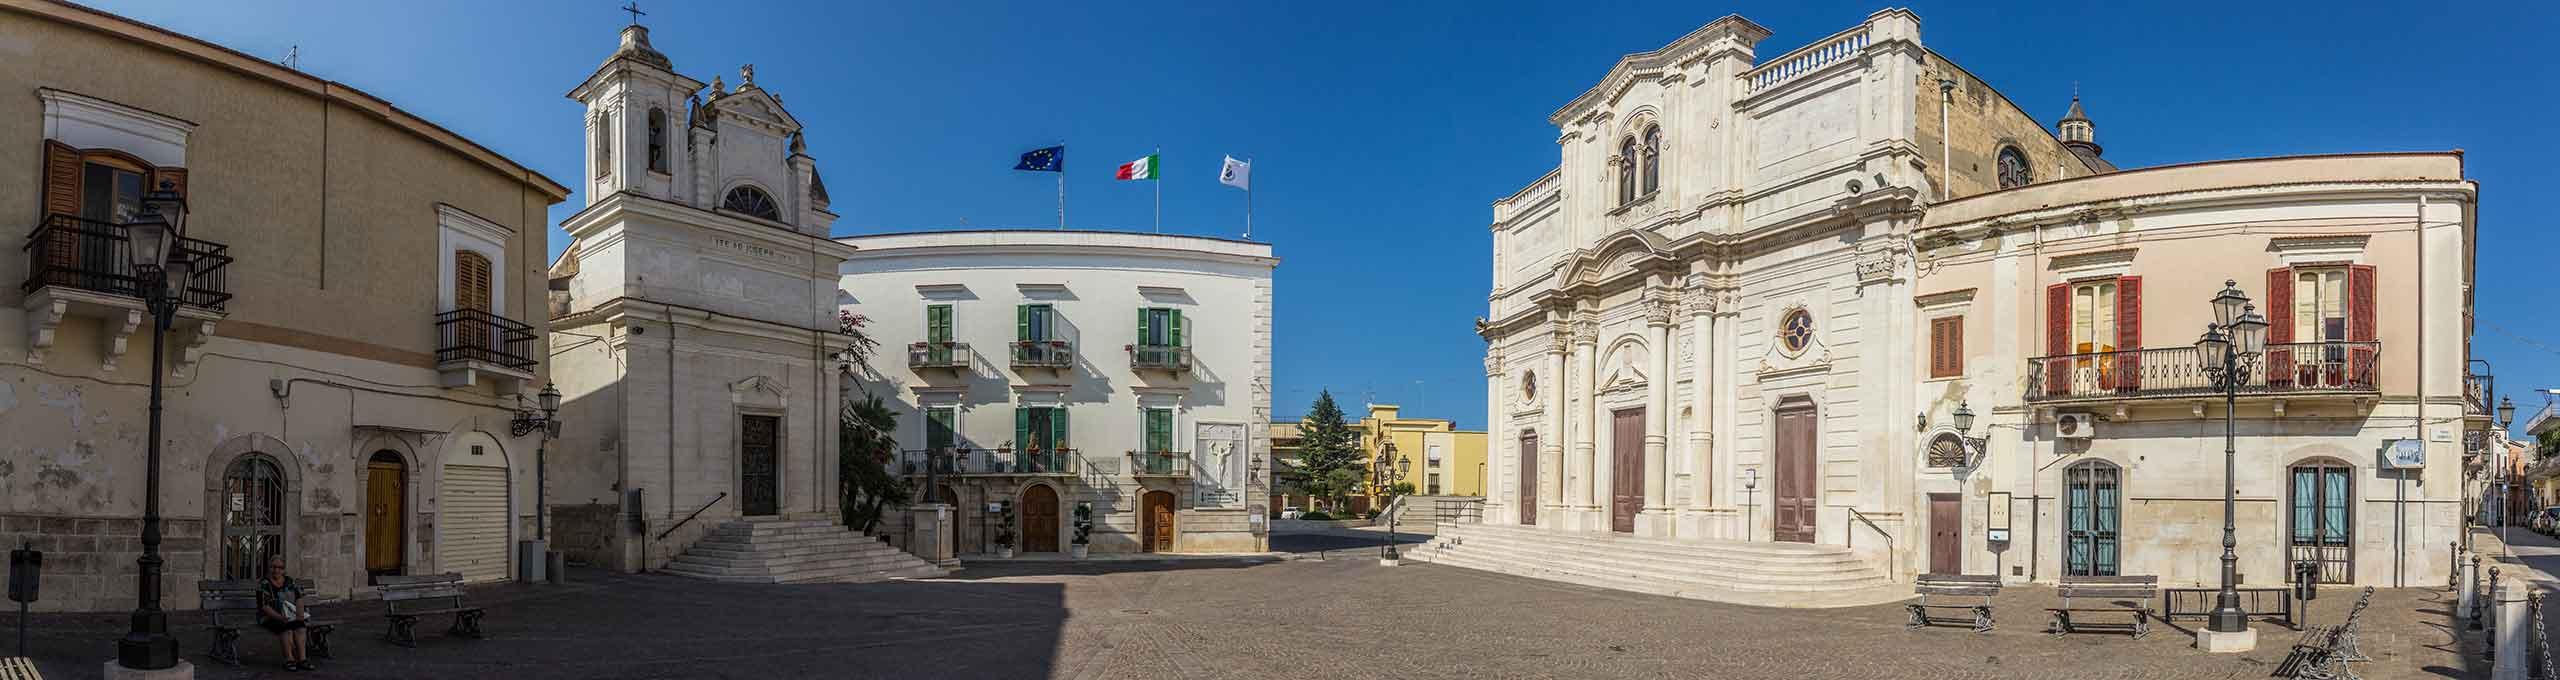 Trinitapoli, Puglia Imperiale